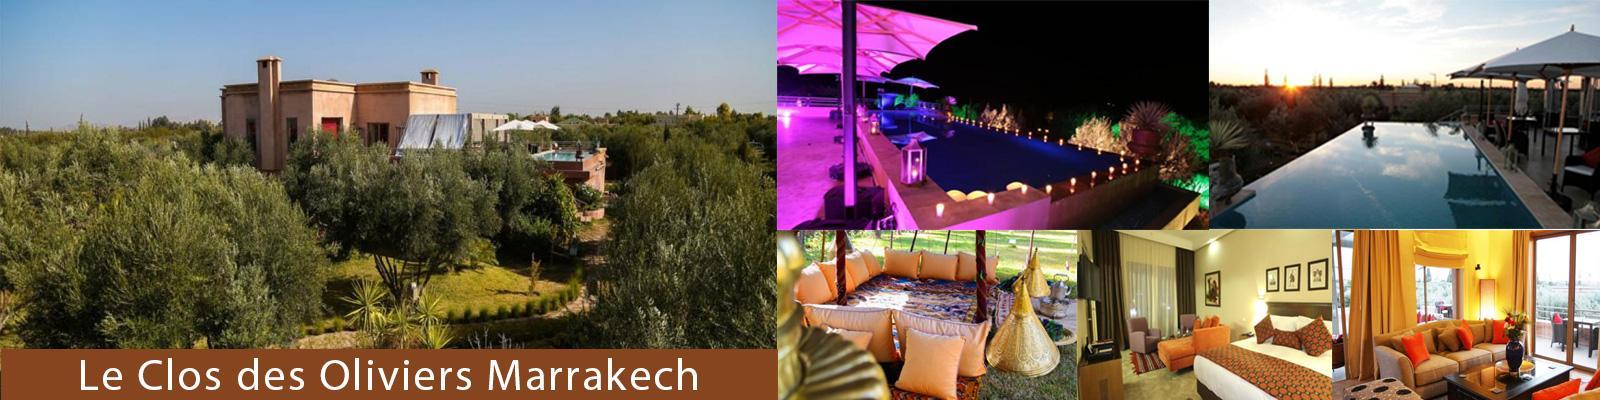 Le Clos des Oliviers Marrakech